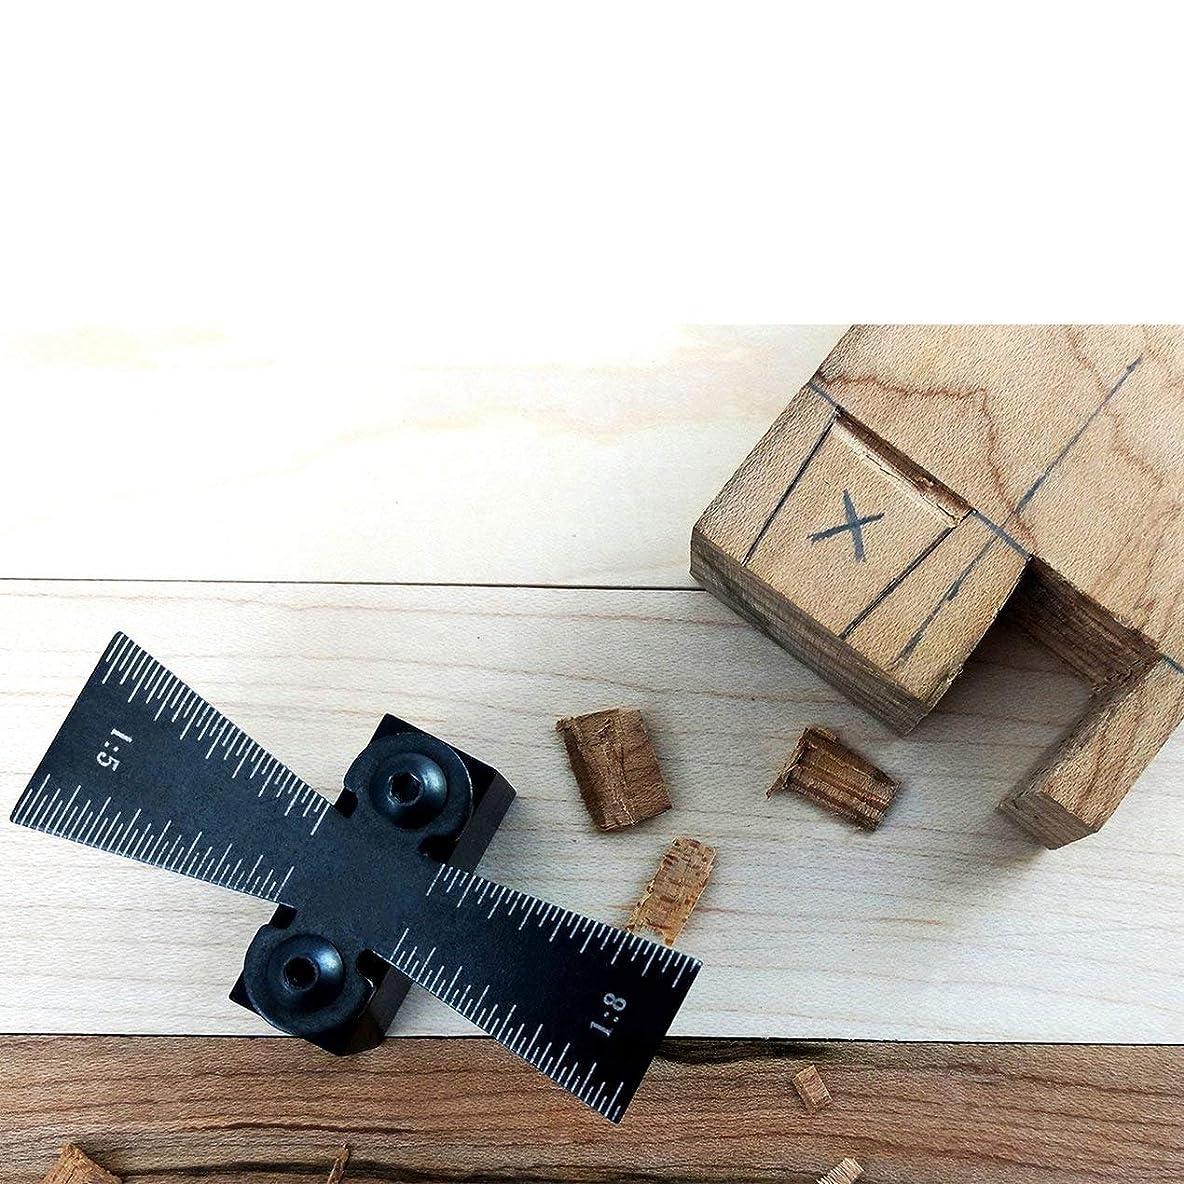 注目すべき靴め言葉ダブテールマーカーアルミニウム合金木工ジョイントゲージダブテールスクライビングゲージガイドロケーターツール1:5/1:8ダブテールテンプレート(色:黒)